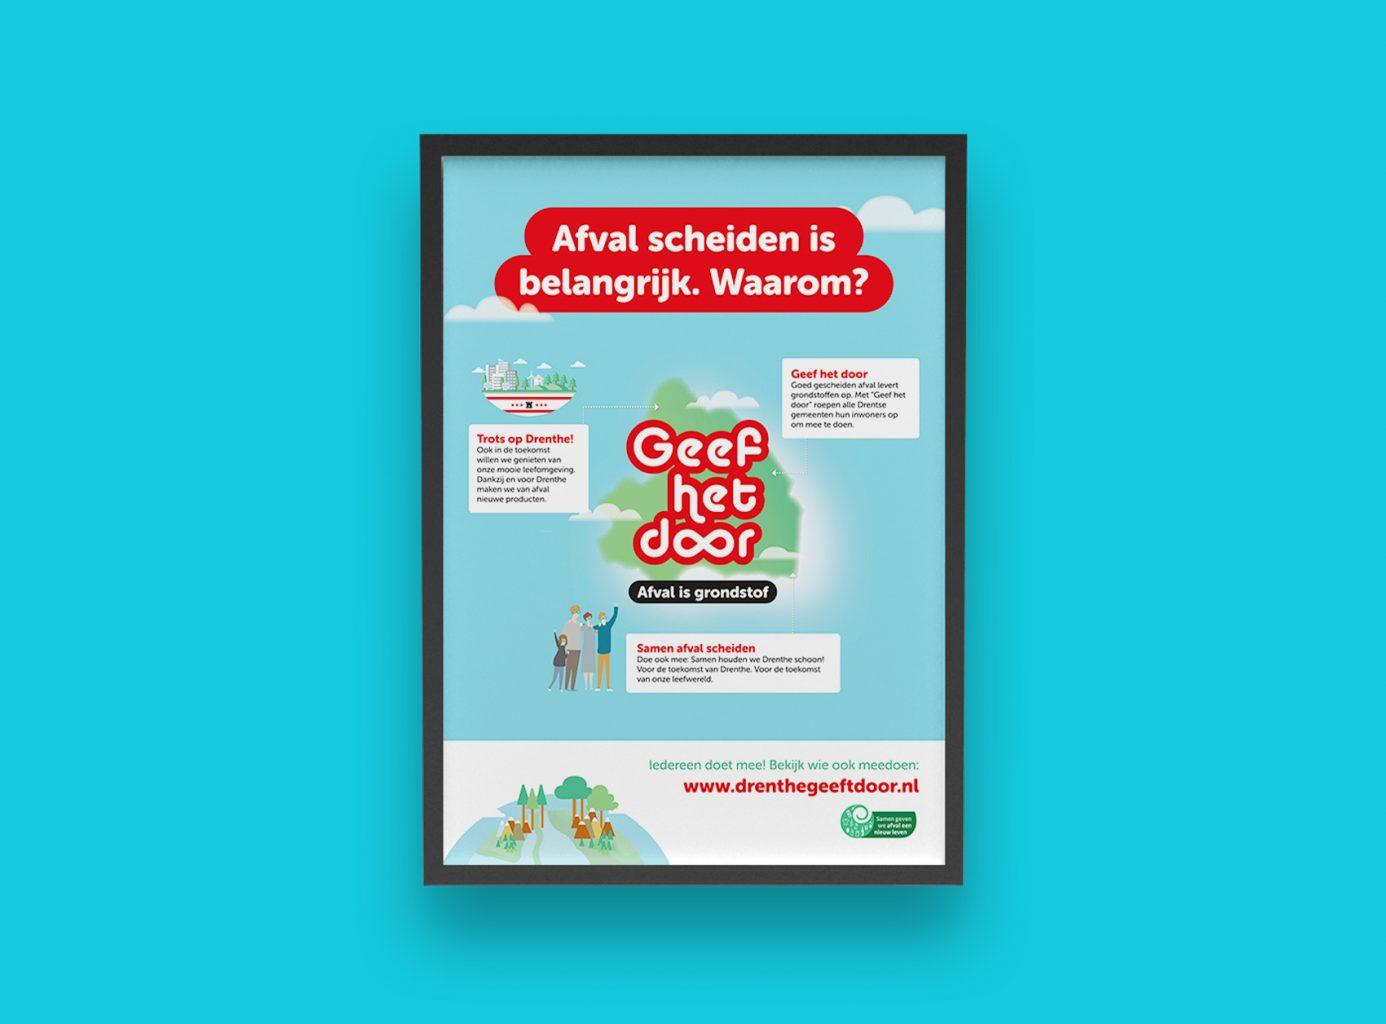 puuridee-website-Branding-en-campagnes-voor-de-overheid-mobiel-1